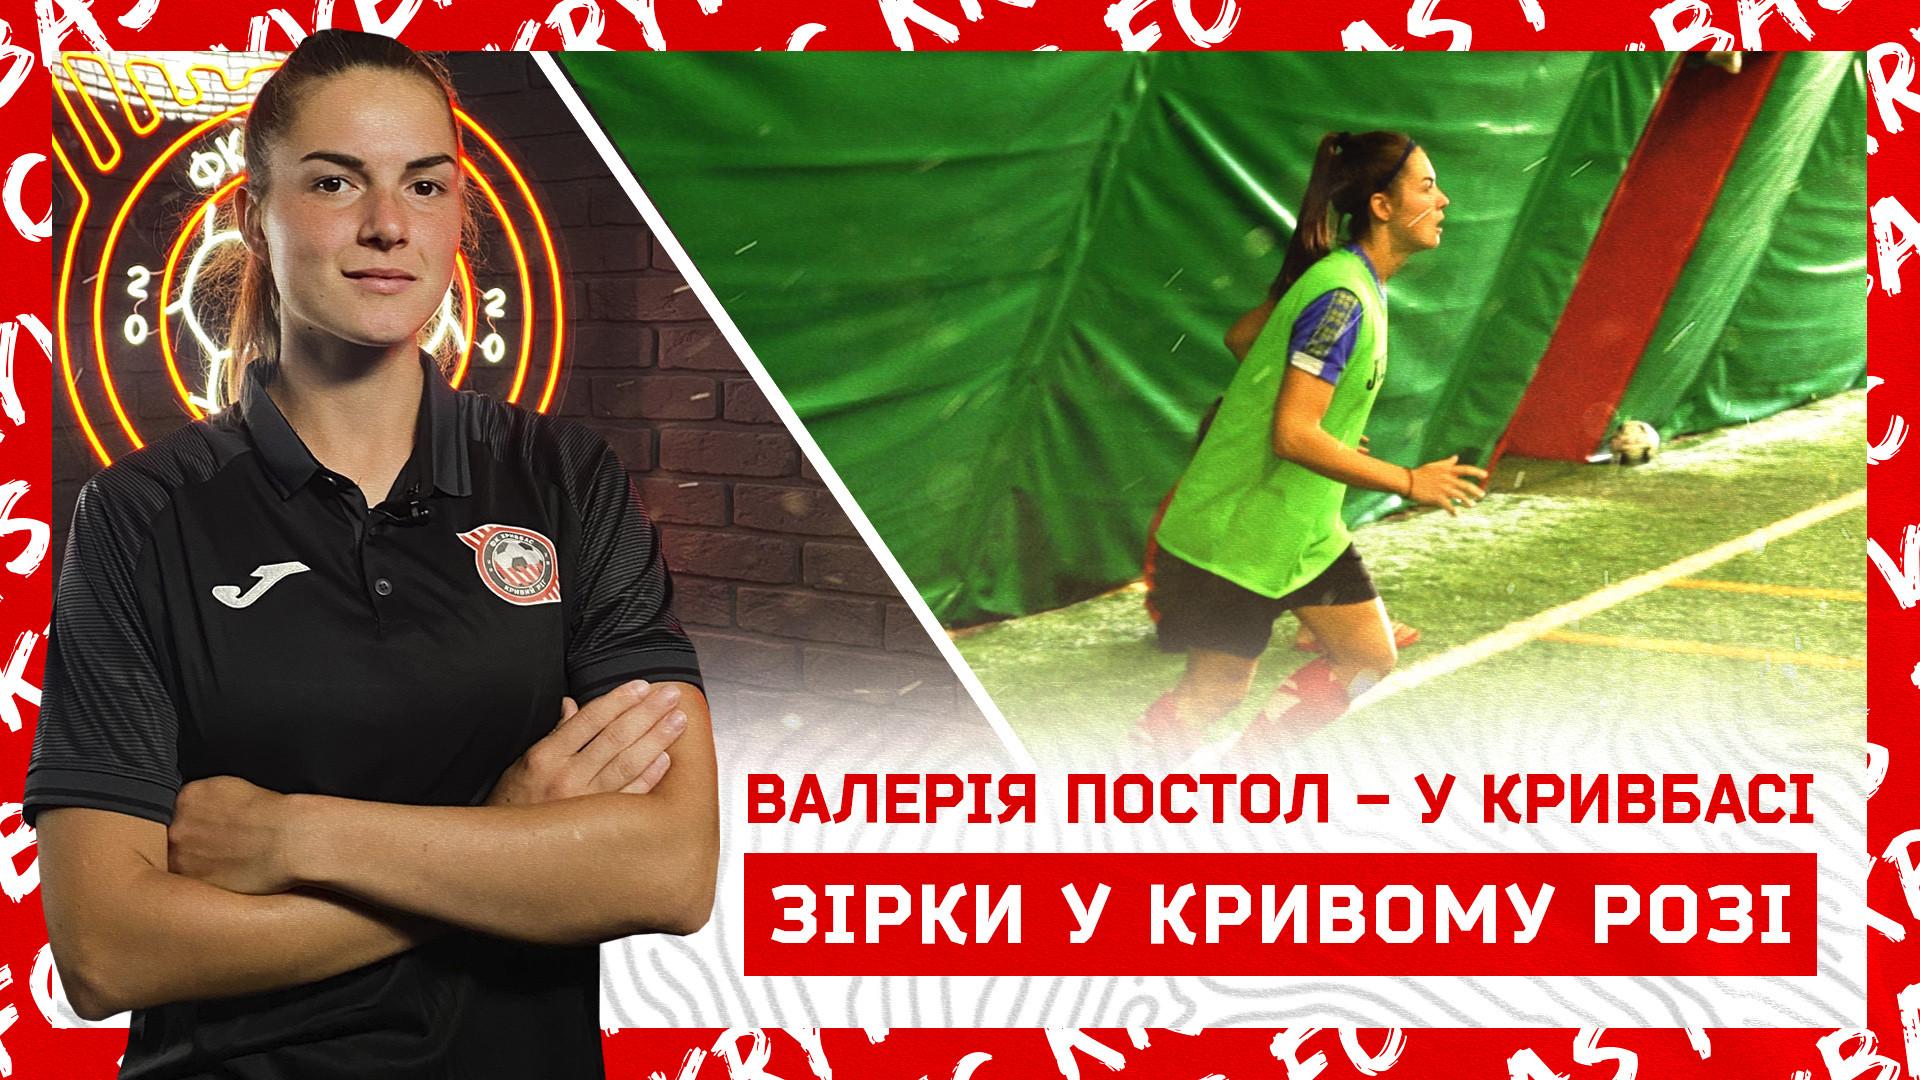 """Валерія Постол - гравчиня ЖФК """"Кривбас""""!}"""